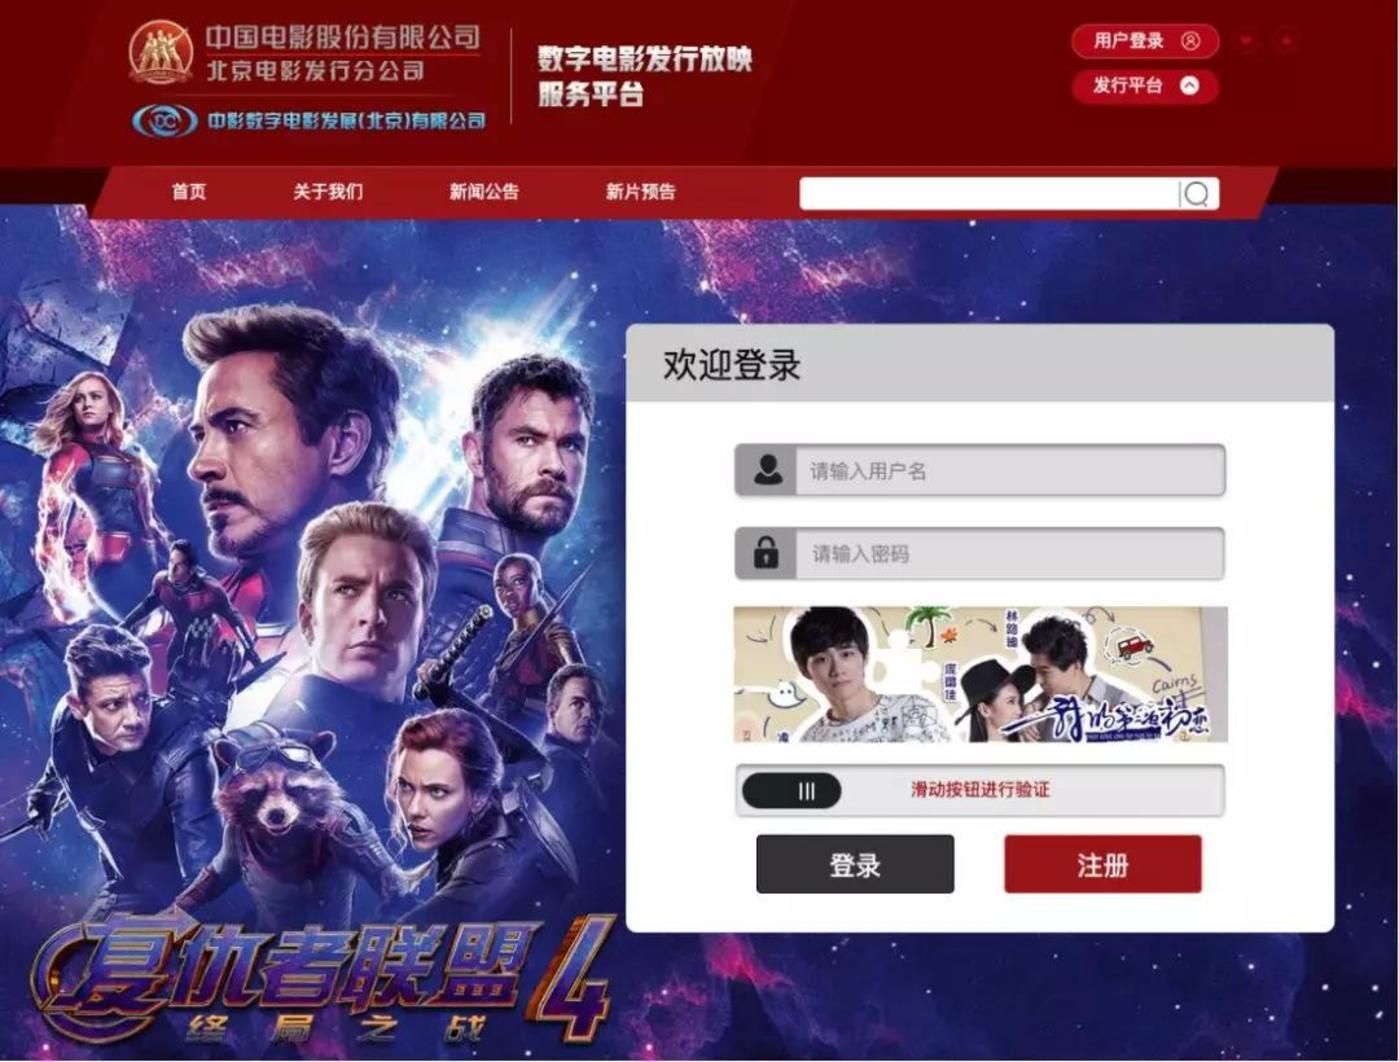 中影数字电影发行放映服务平台密钥下载登入页面